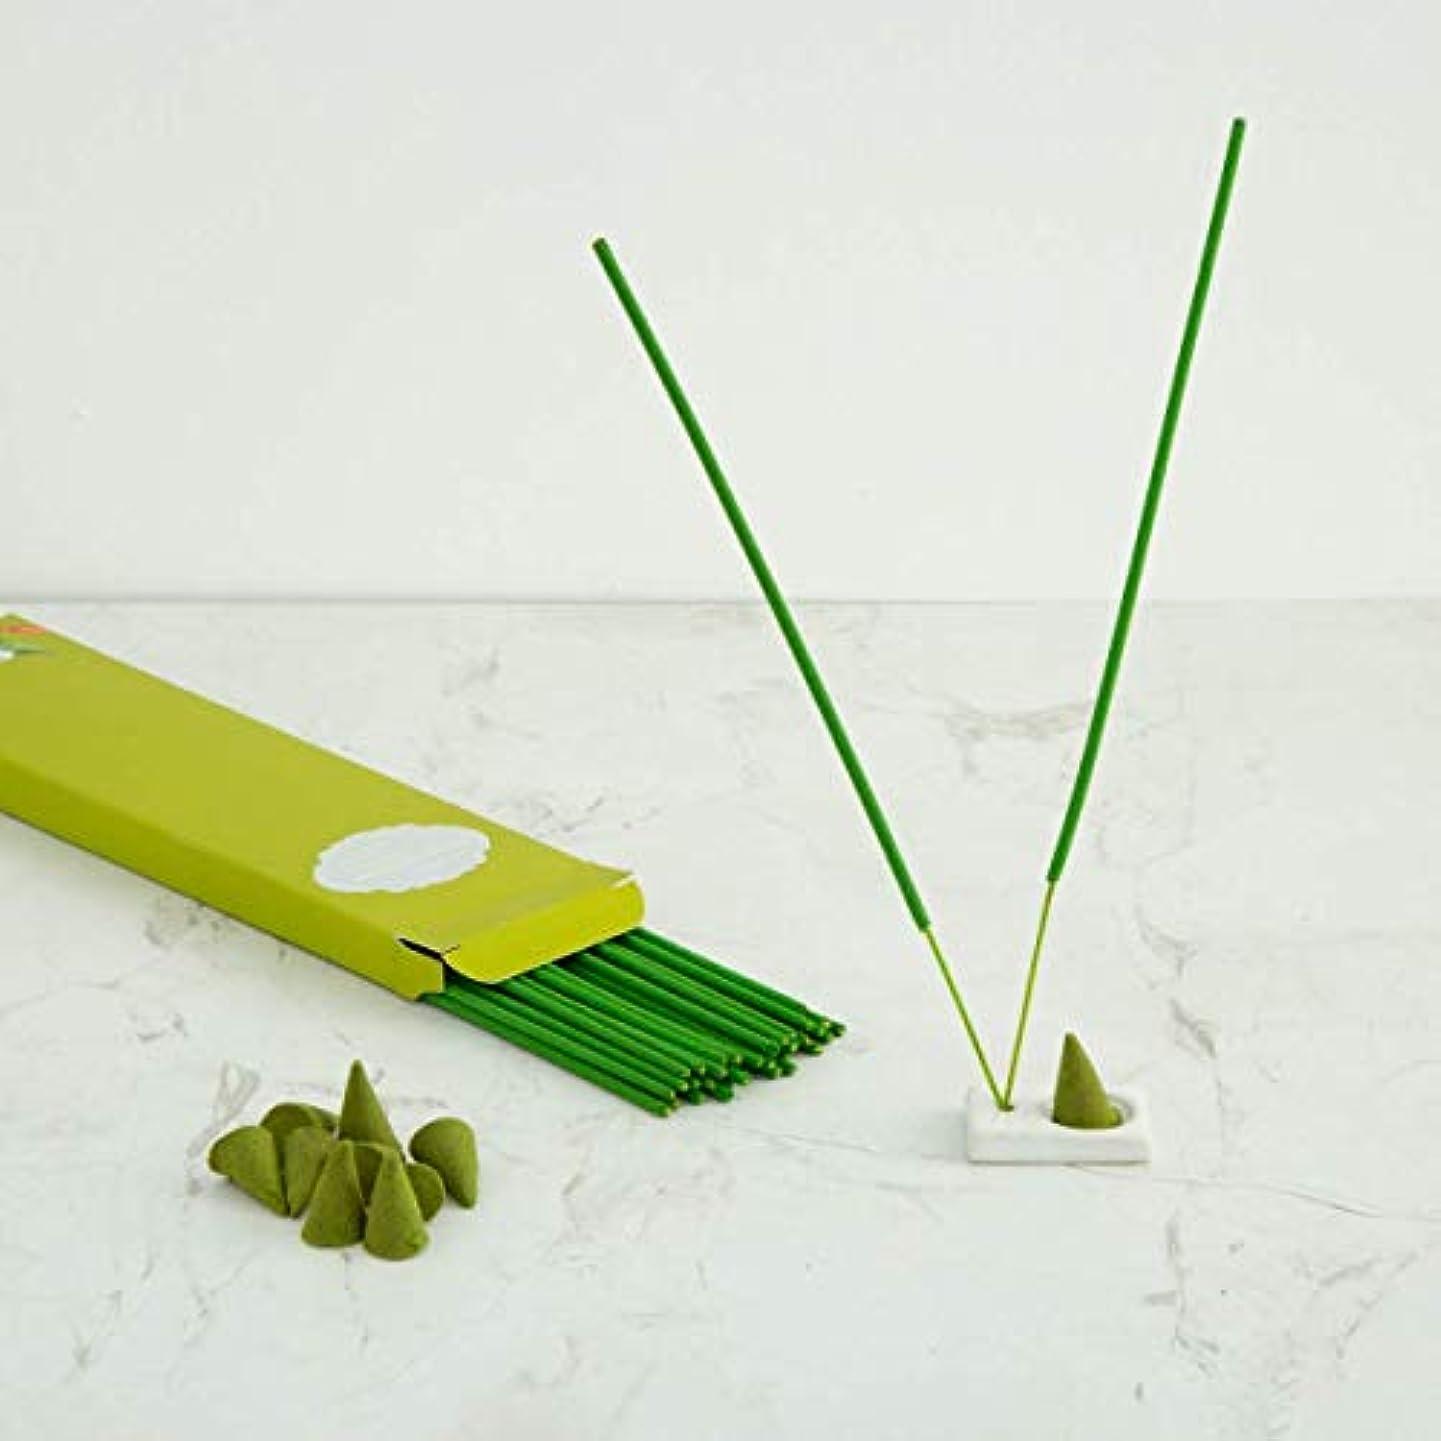 過敏な標高九Home Centre Redolance Chirping Woods Incense Sticks and Cones - Green